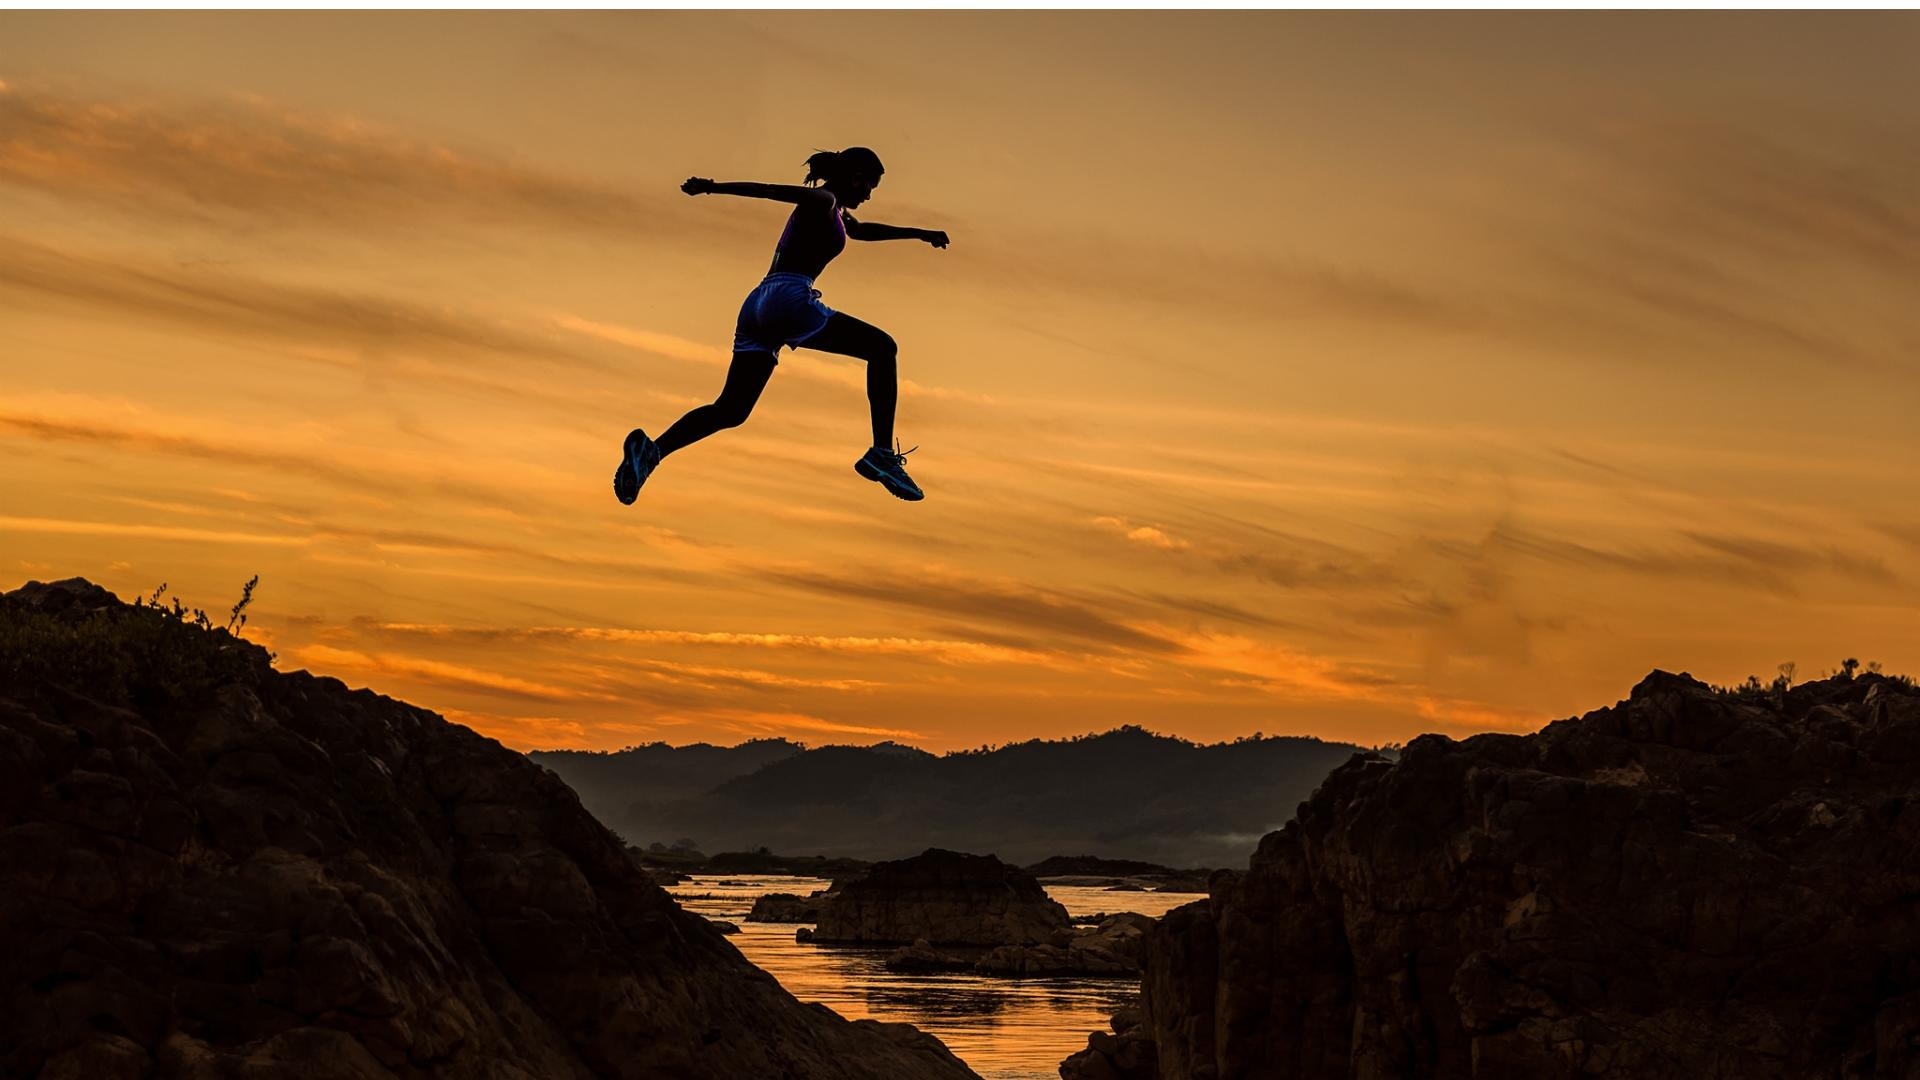 Coach naturopathe, peur, développement mentale, Courage peur développement mental passionne motivation, changer sa vie professionnel et personnel